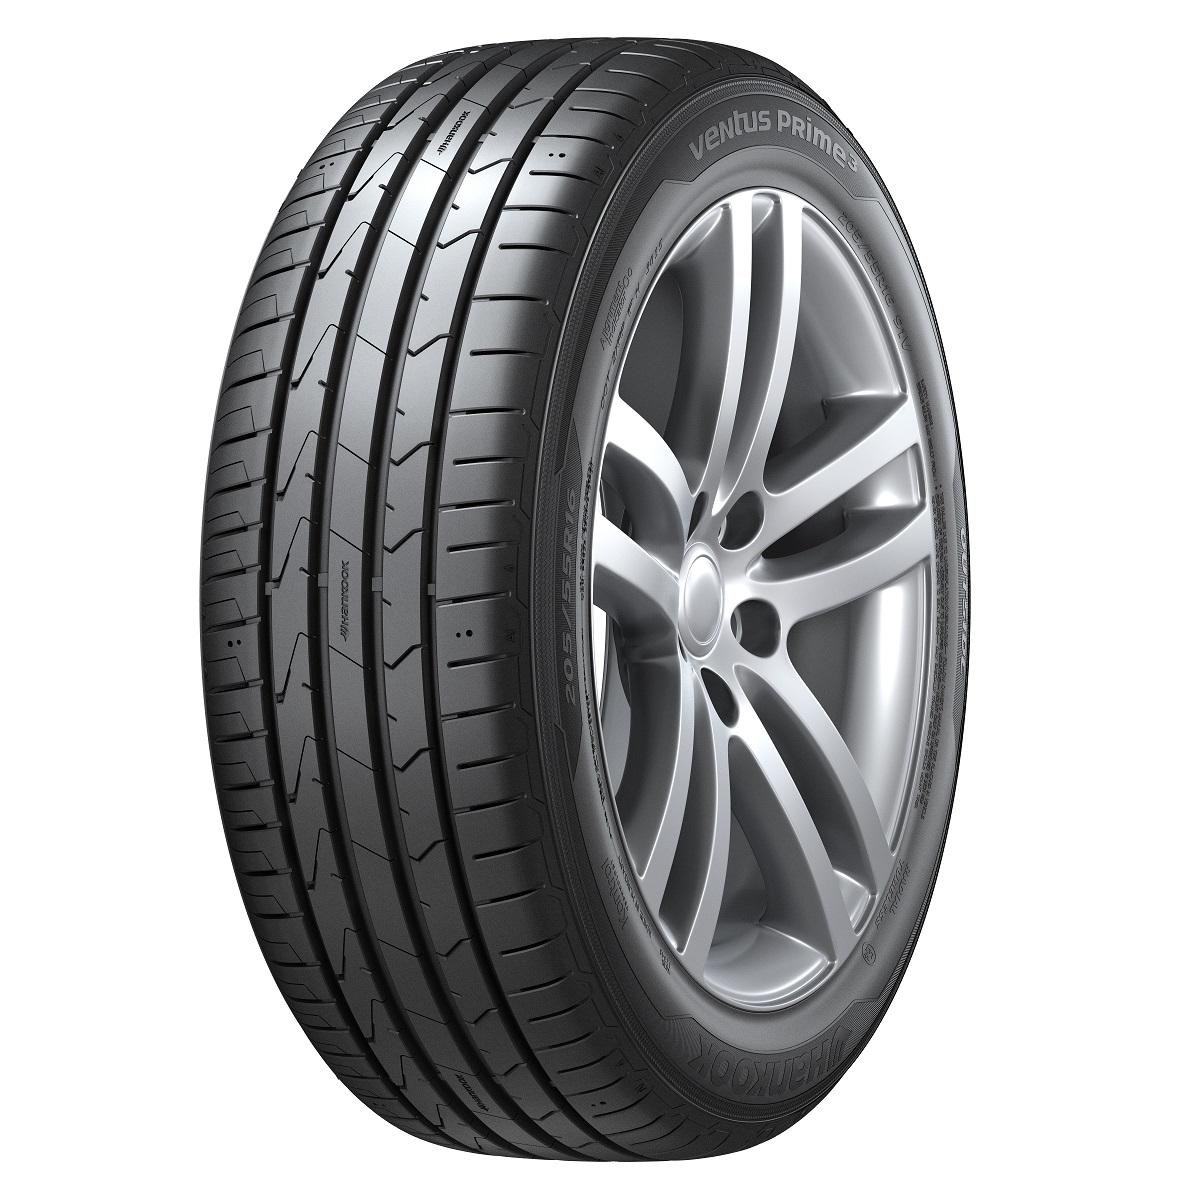 Hankook Ventus Prime³, výherce testu letních pneu